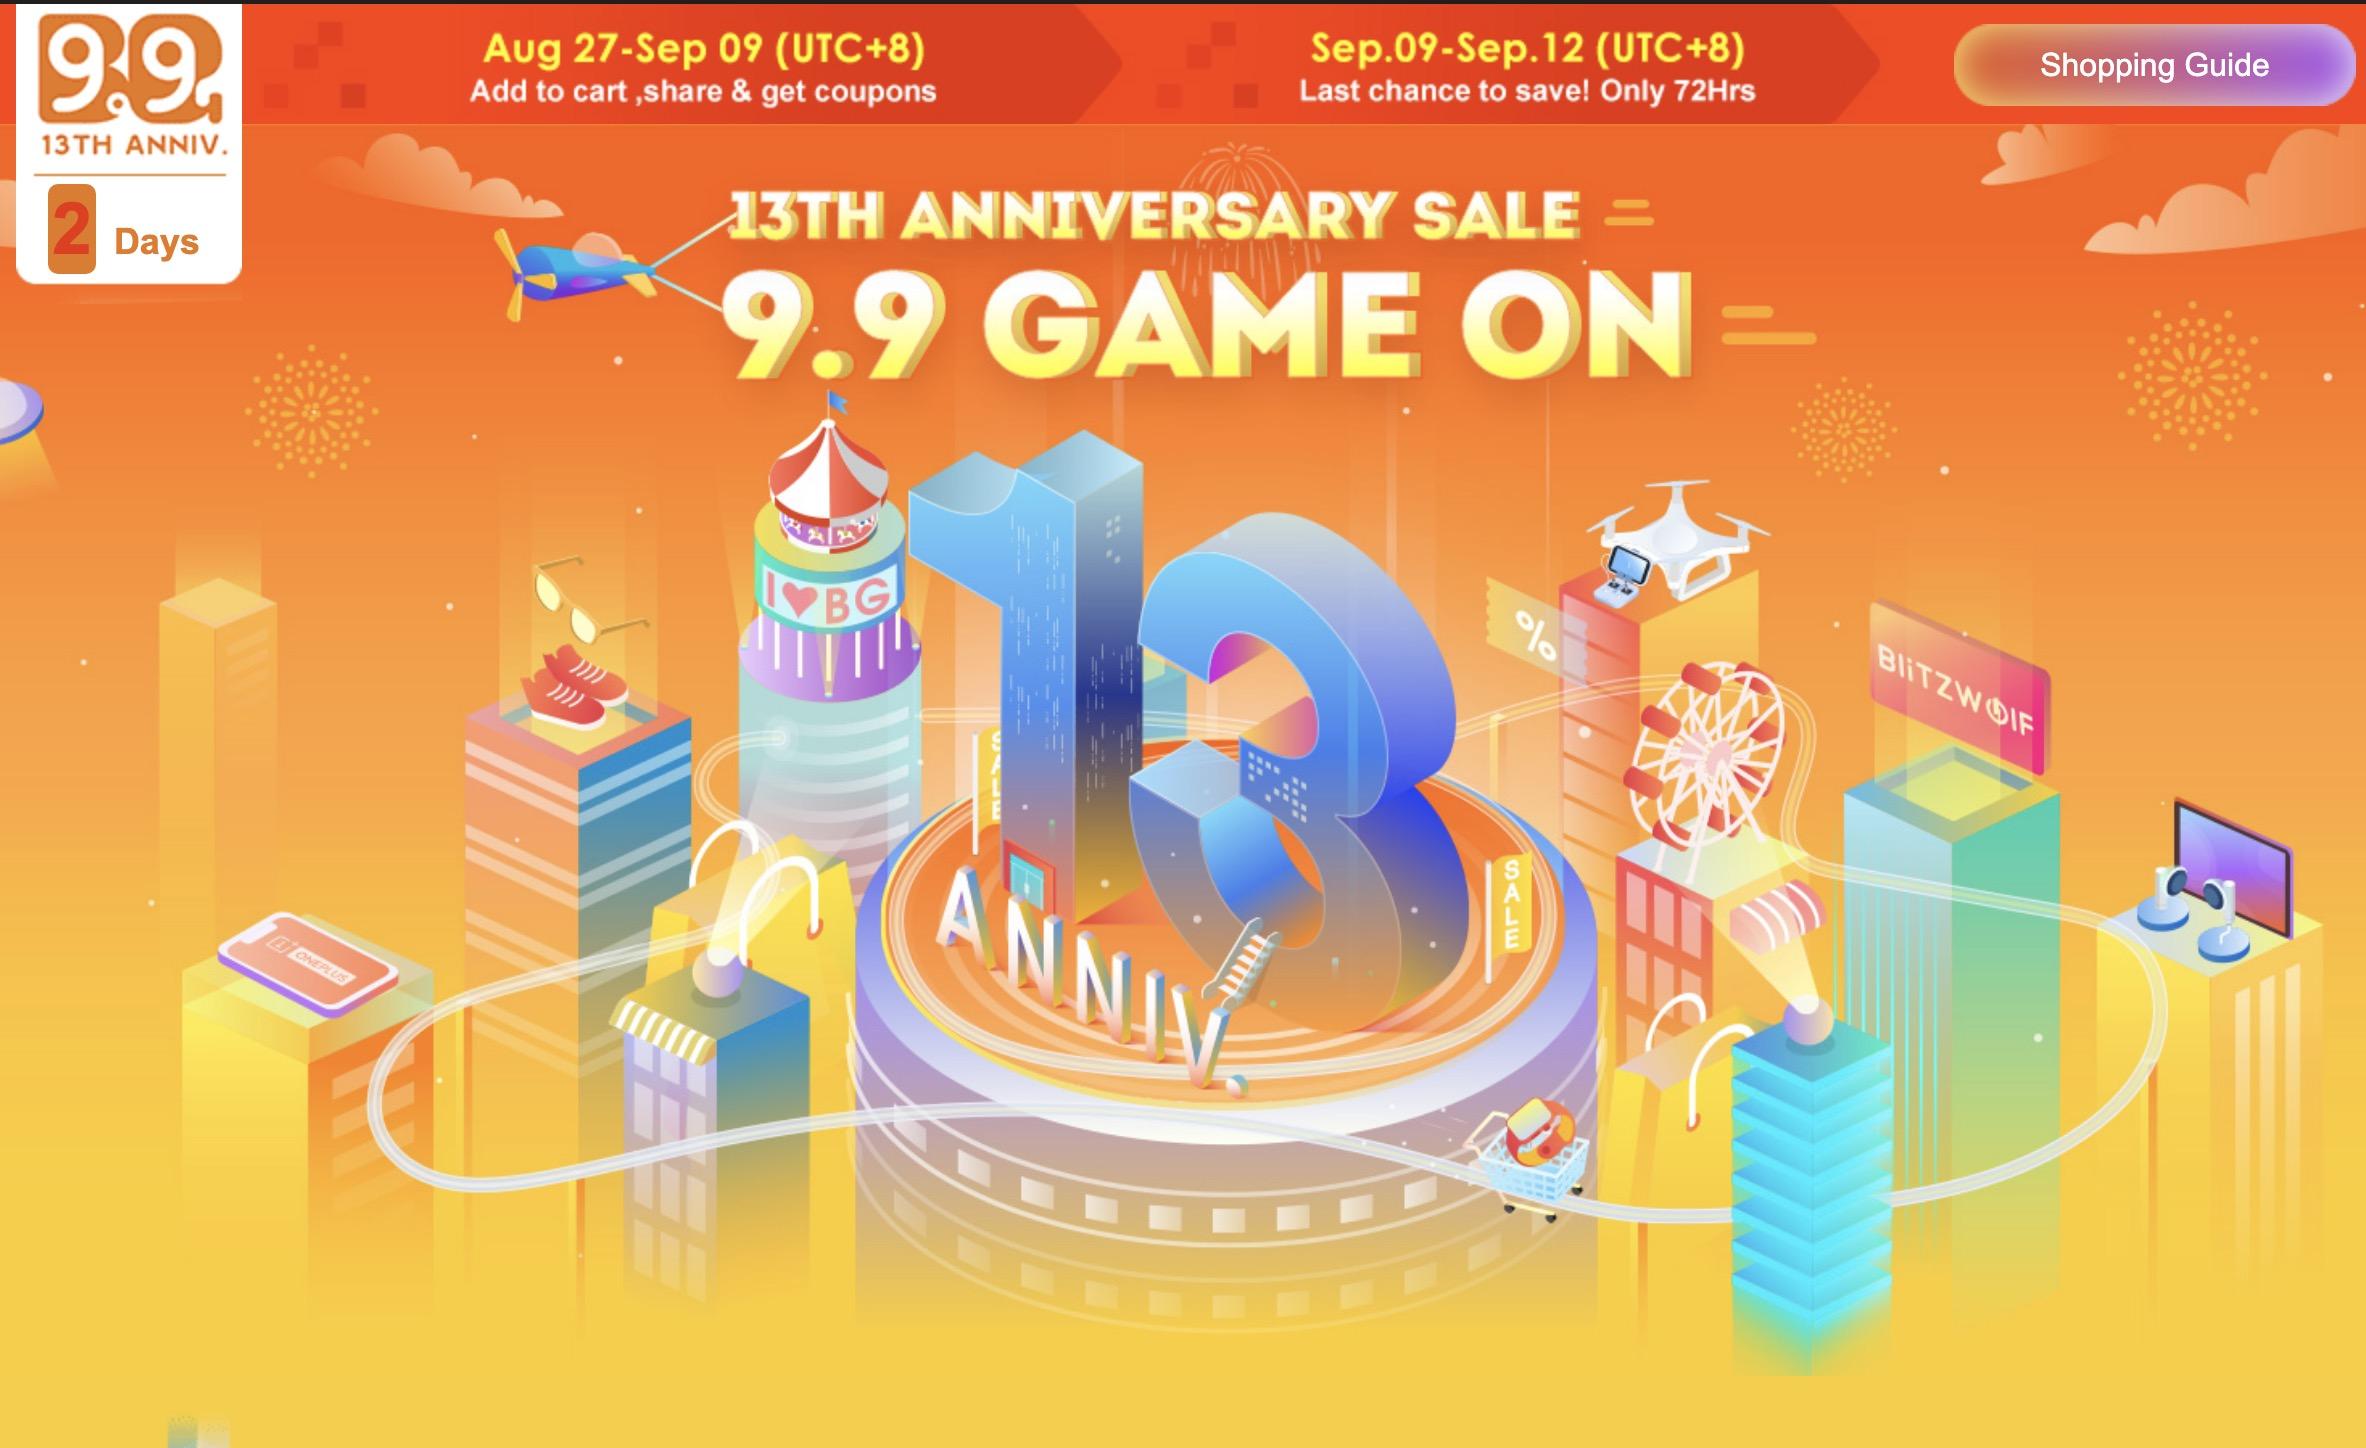 Aniversario Banggood